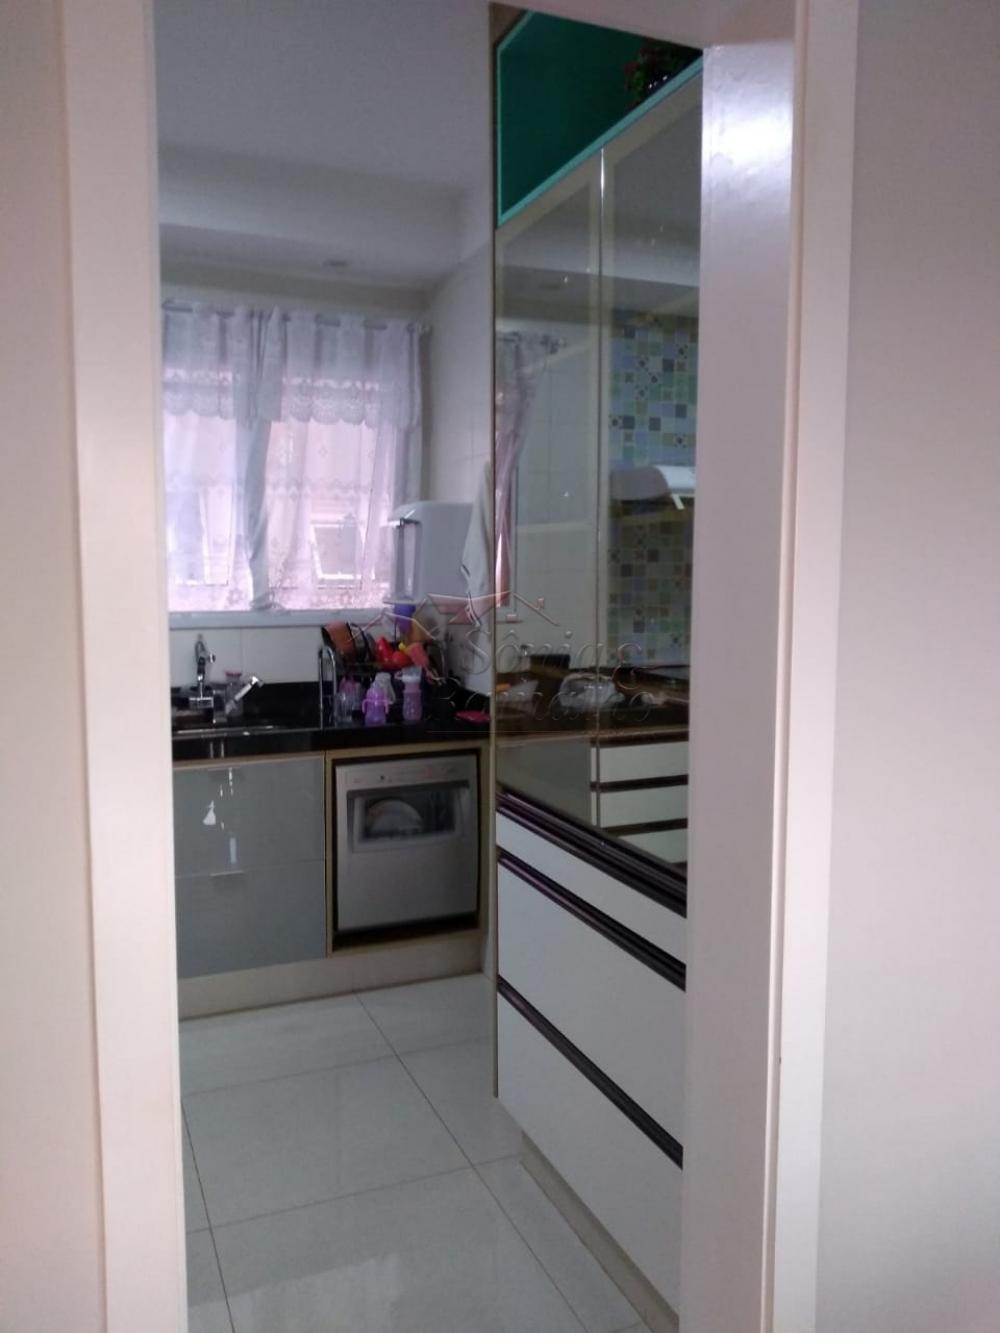 Alugar Apartamentos / Padrão em Ribeirão Preto apenas R$ 2.700,00 - Foto 11